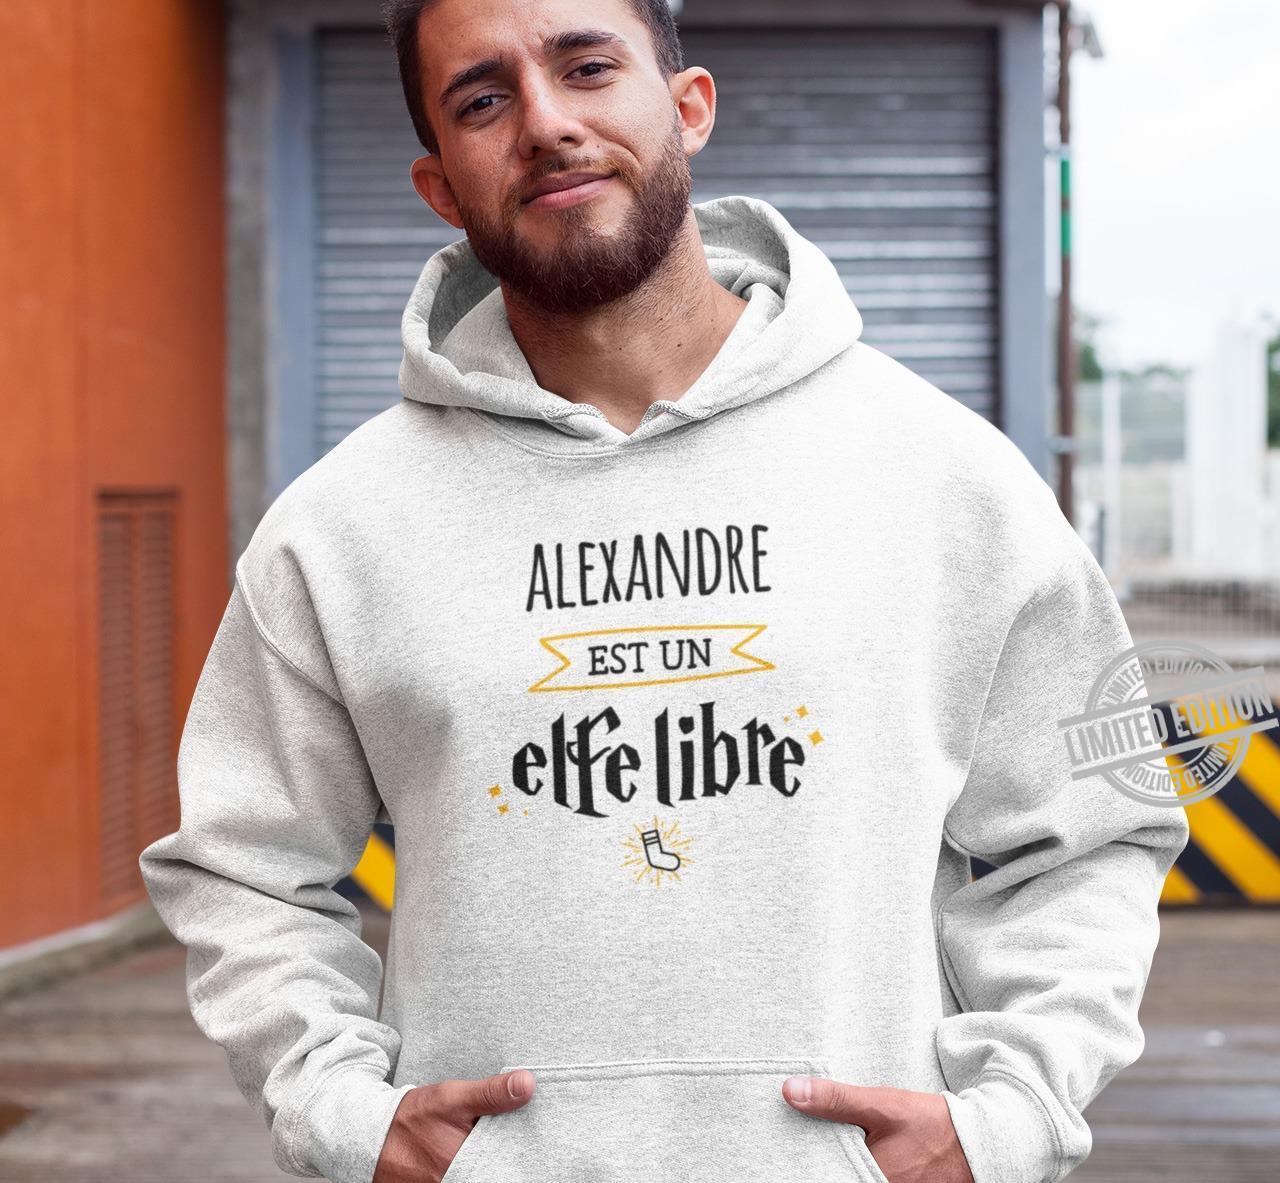 Alexandre Est Un Alfe Libre Shirt